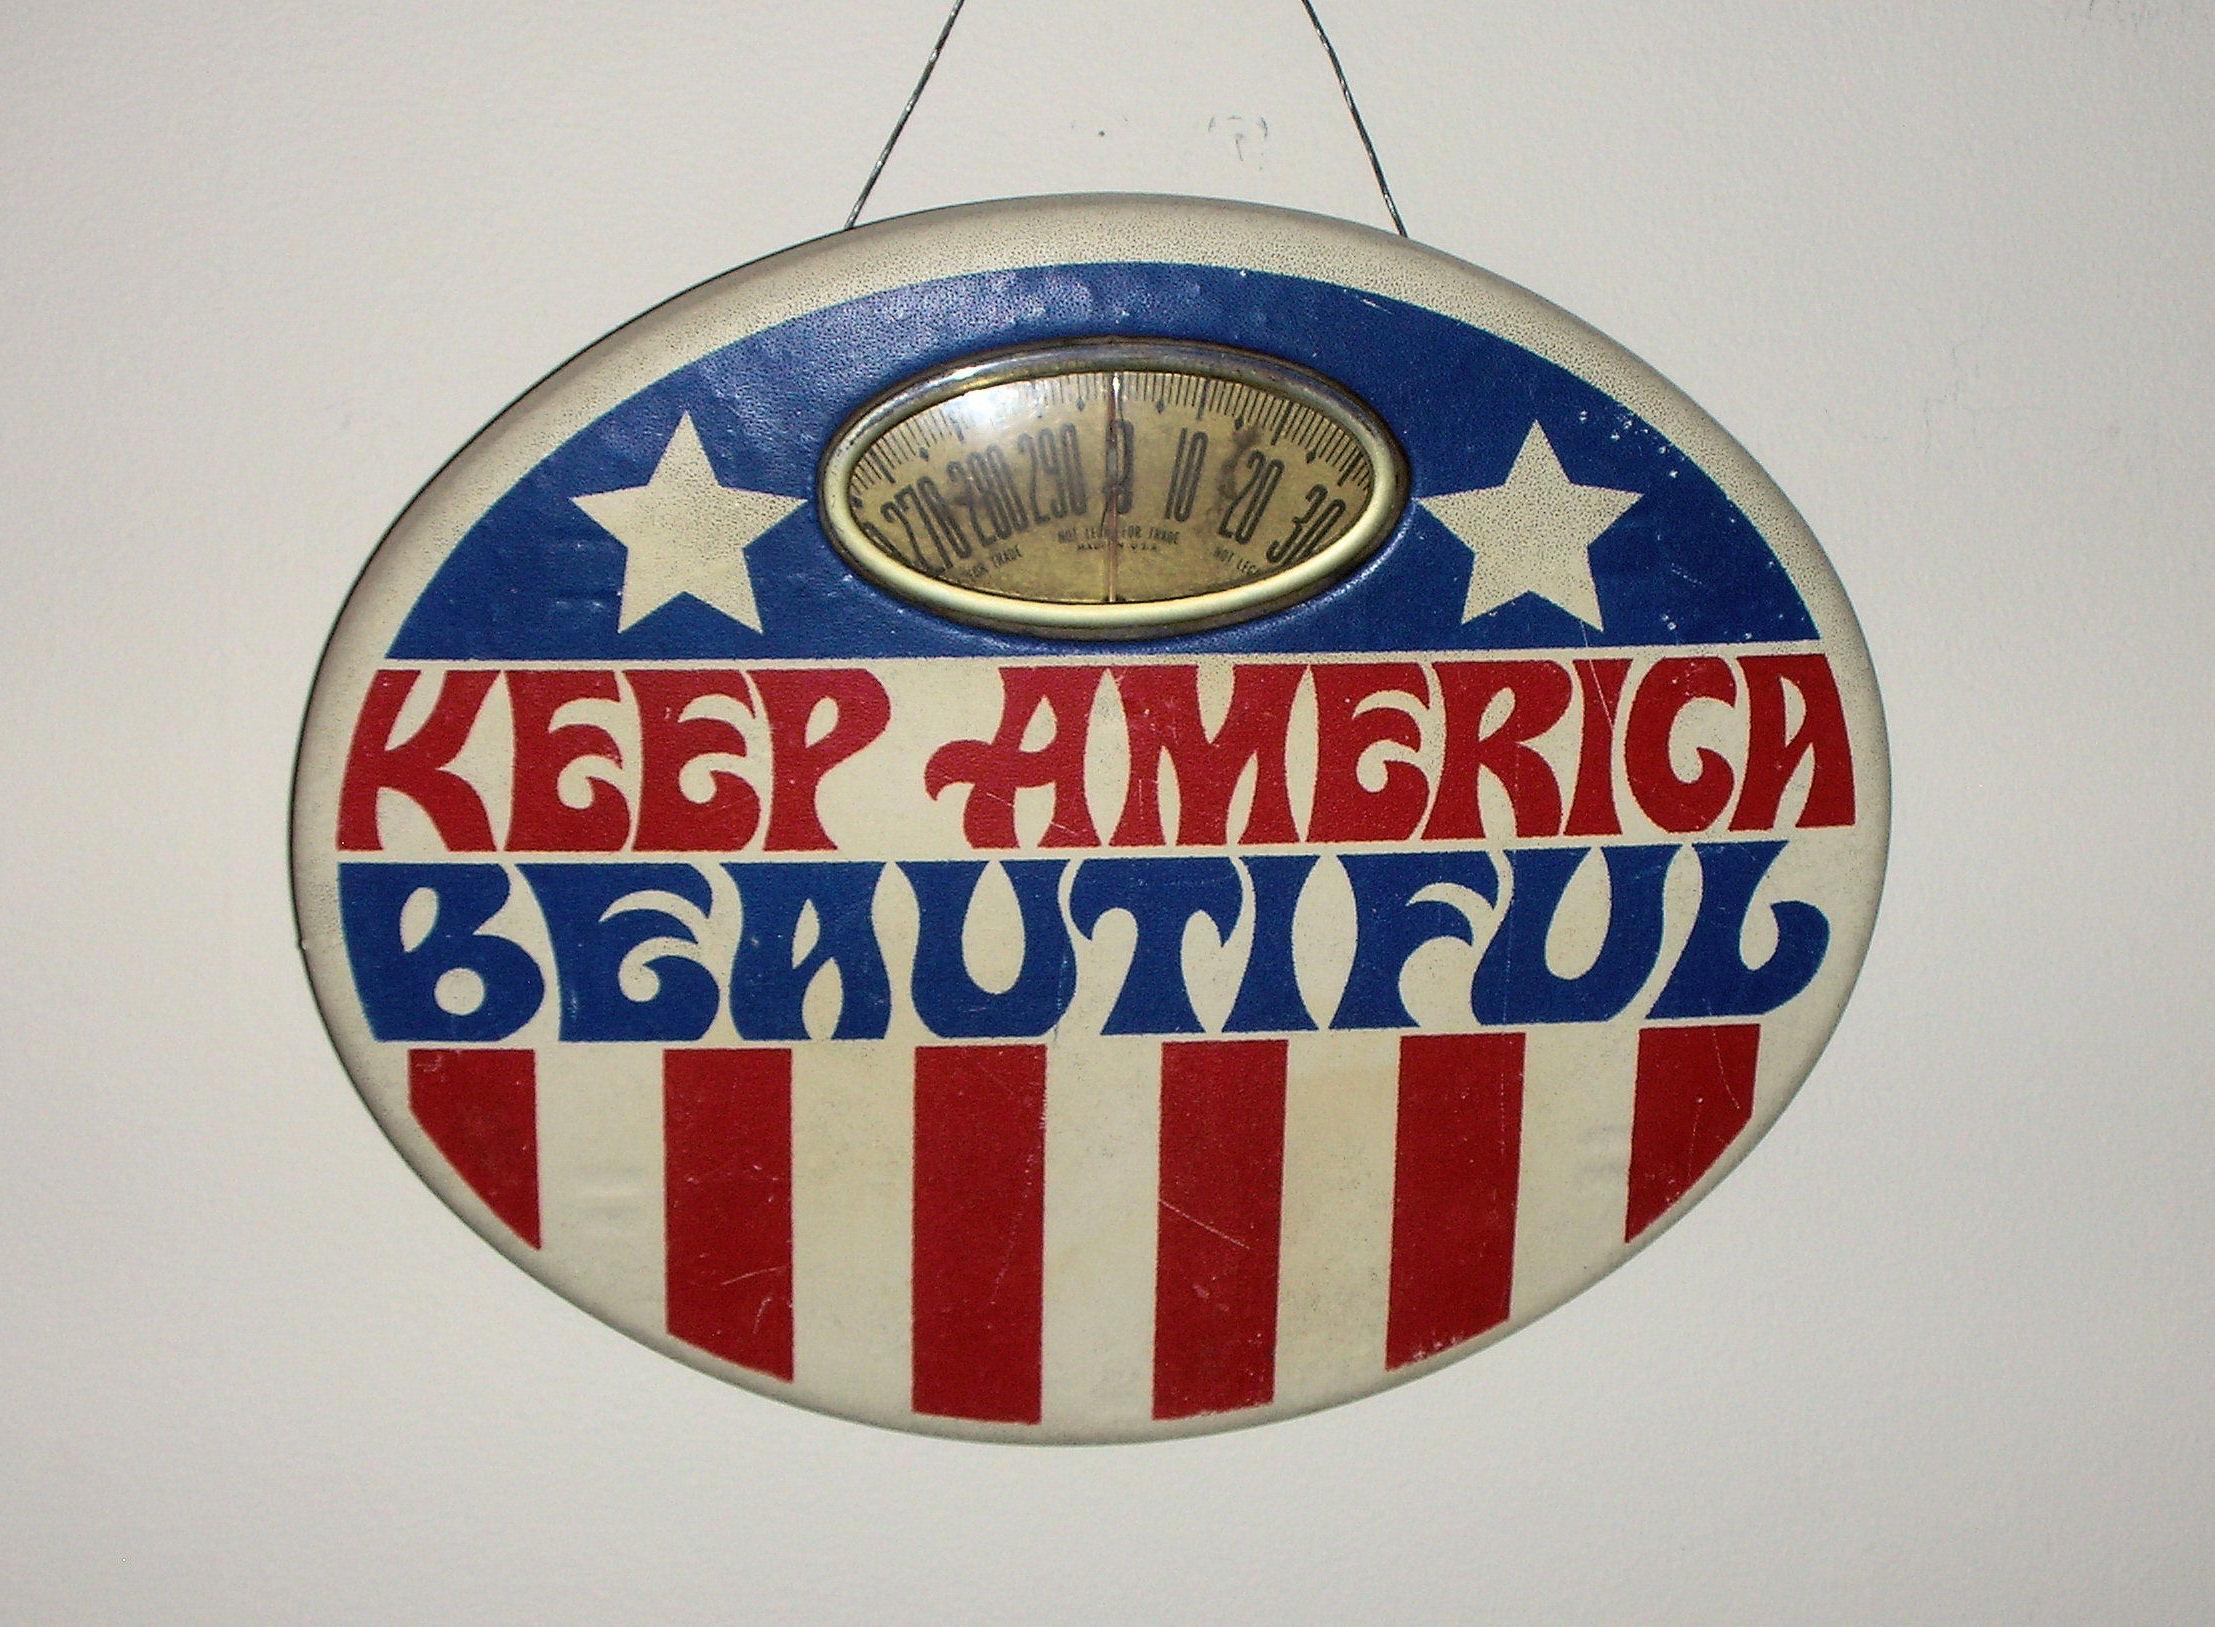 Keep America Beautiful Scale.JPG